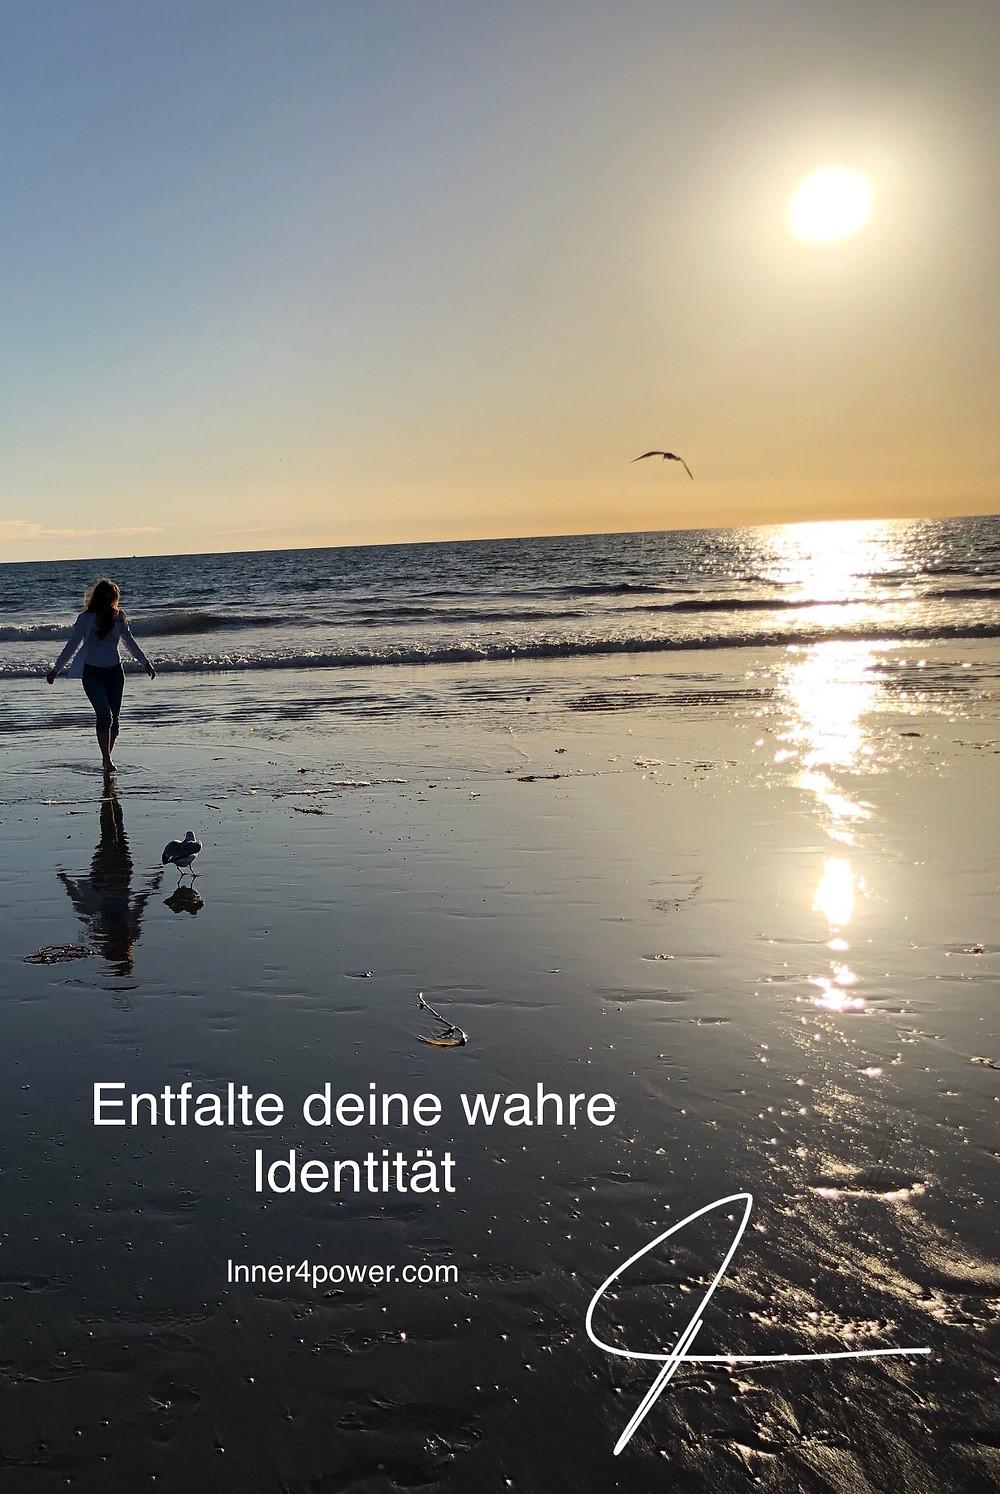 Entfalte deine wahre Identität